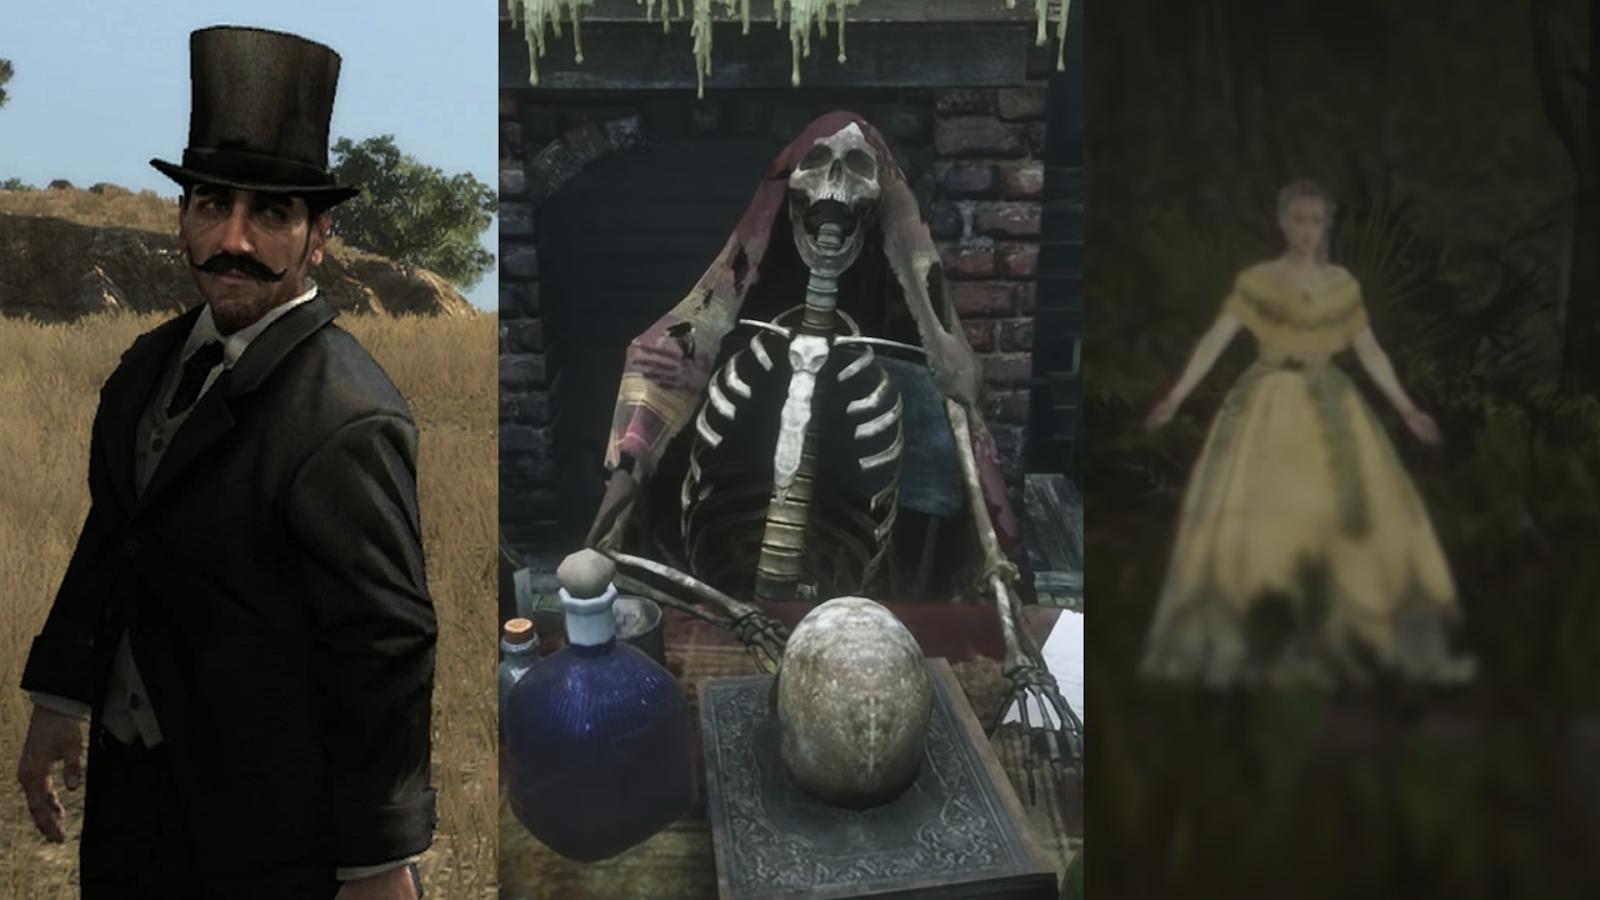 Ovnis Fantasmas Y Gente Paranormal En Red Dead Redemption 2